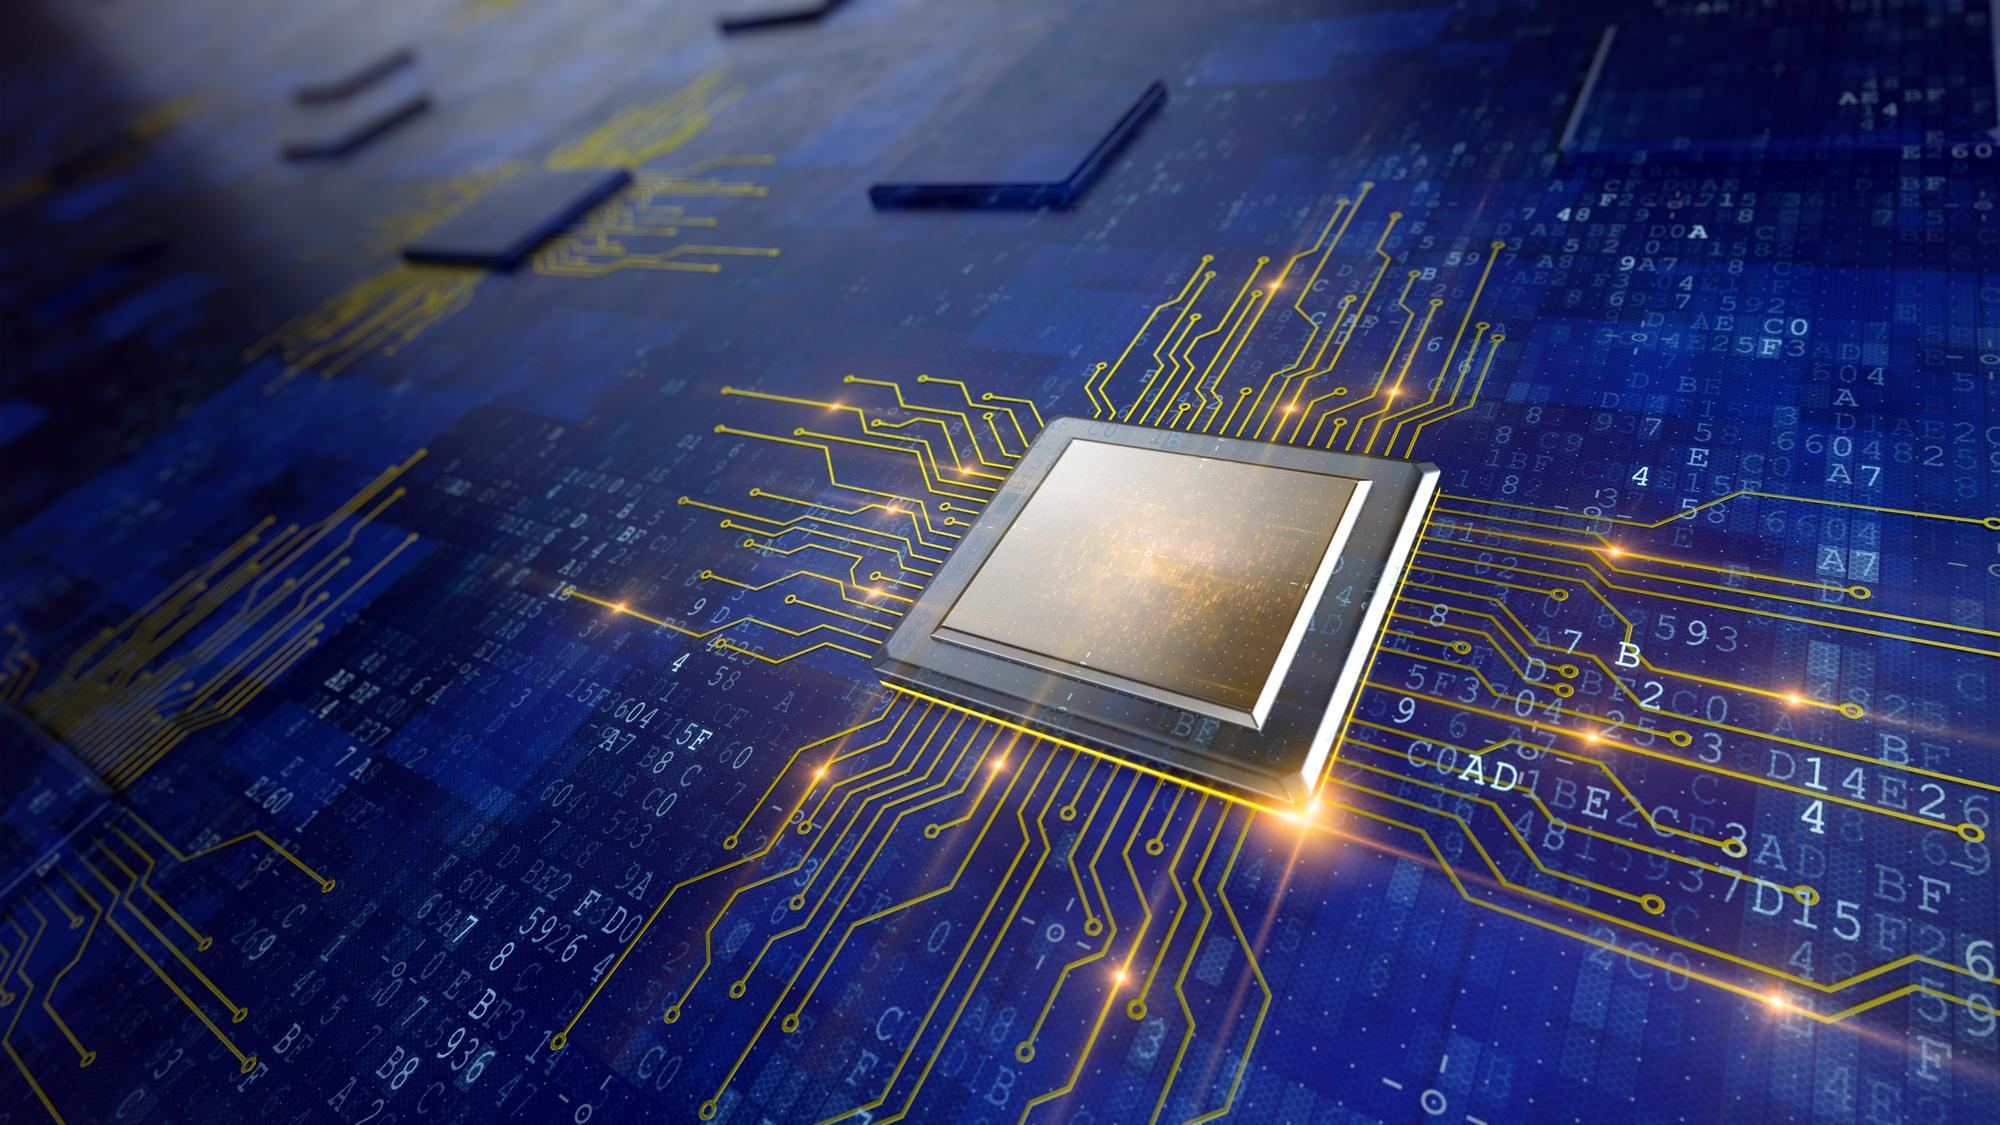 比芯片还主要的行业,超7000名专家不辞辛劳进修,势在必得